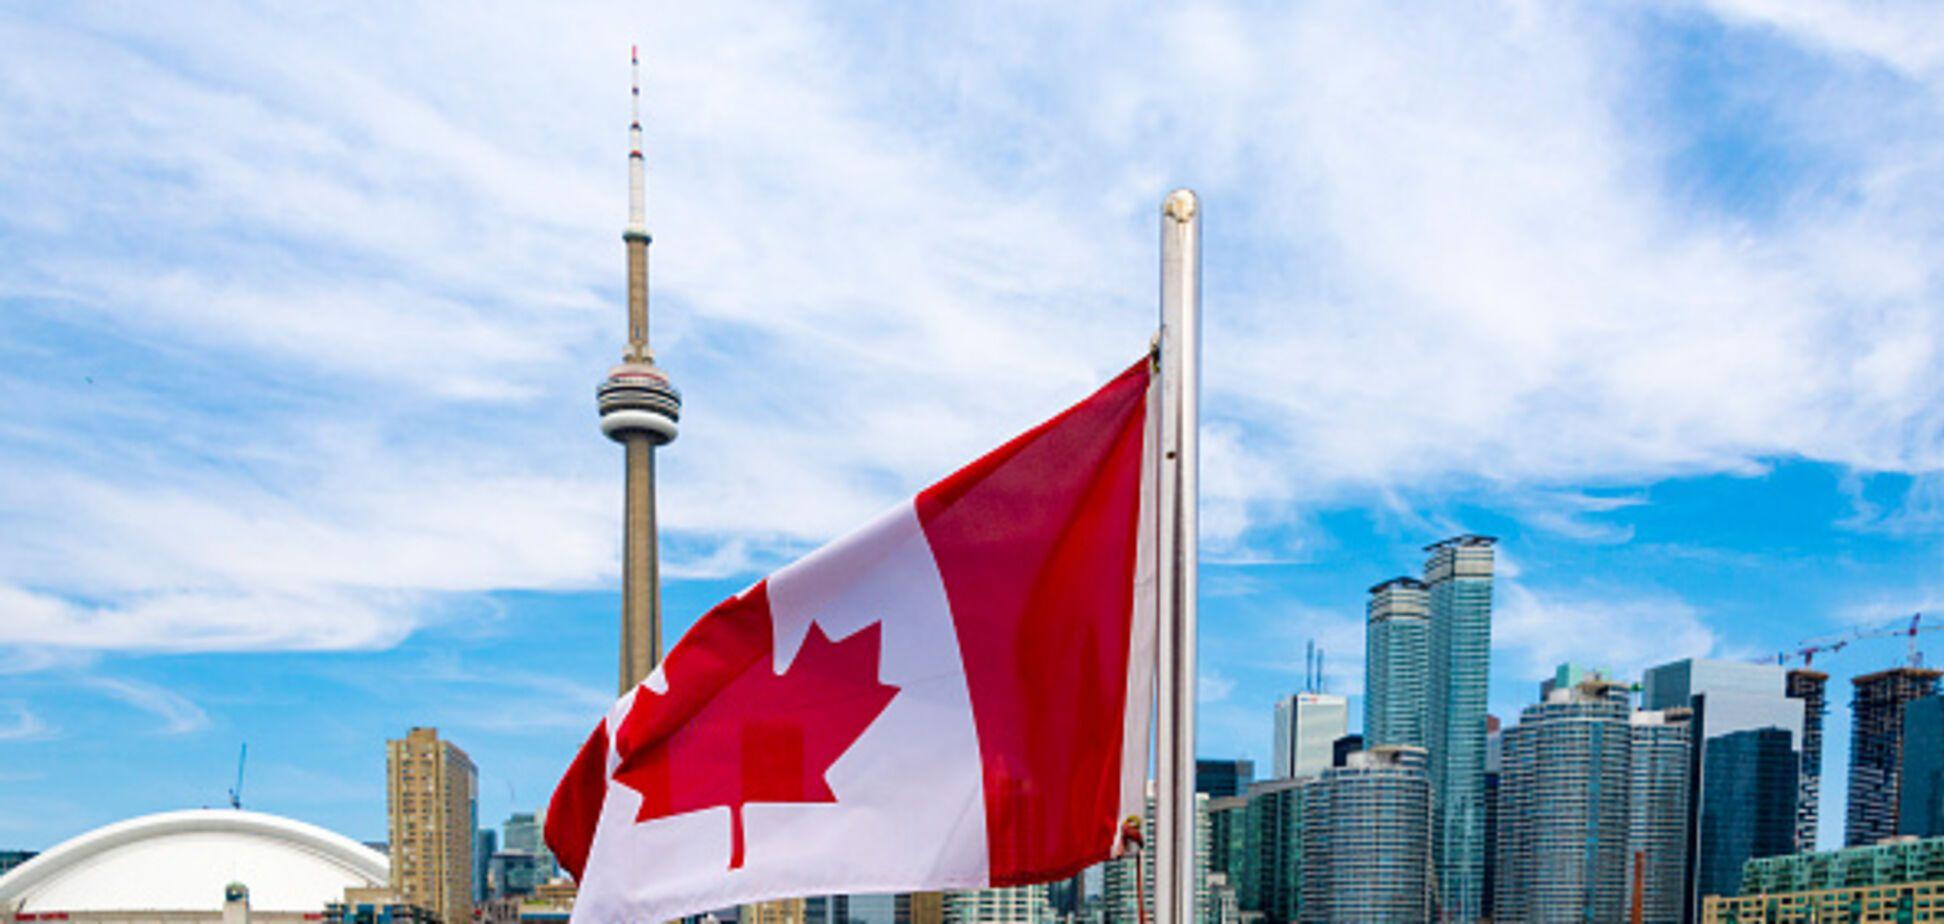 Катастрофически большой процент: Канада массово отказывает украинцам в визах